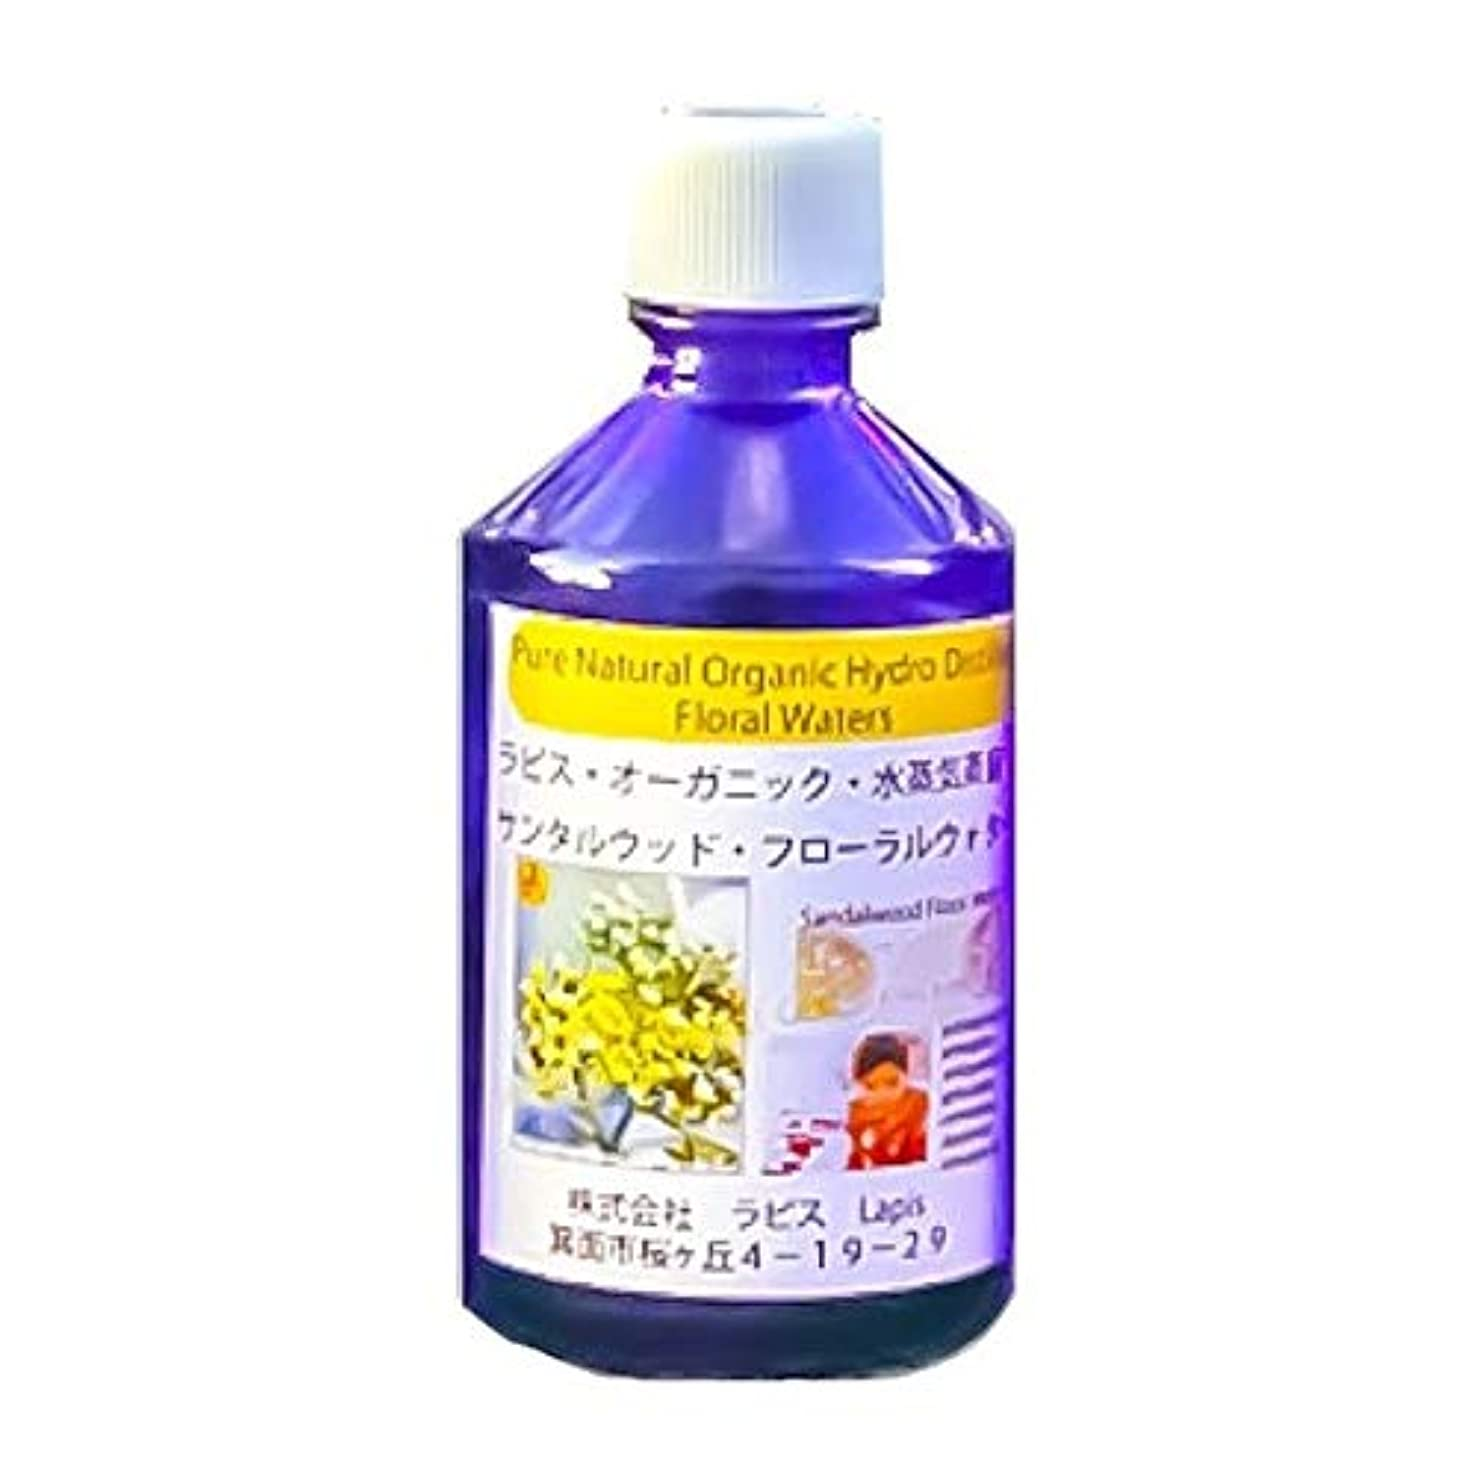 素晴らしき万歳テキストサンダルウッドフローラルウォーター [Sandalwood Floral Water] (100mL)